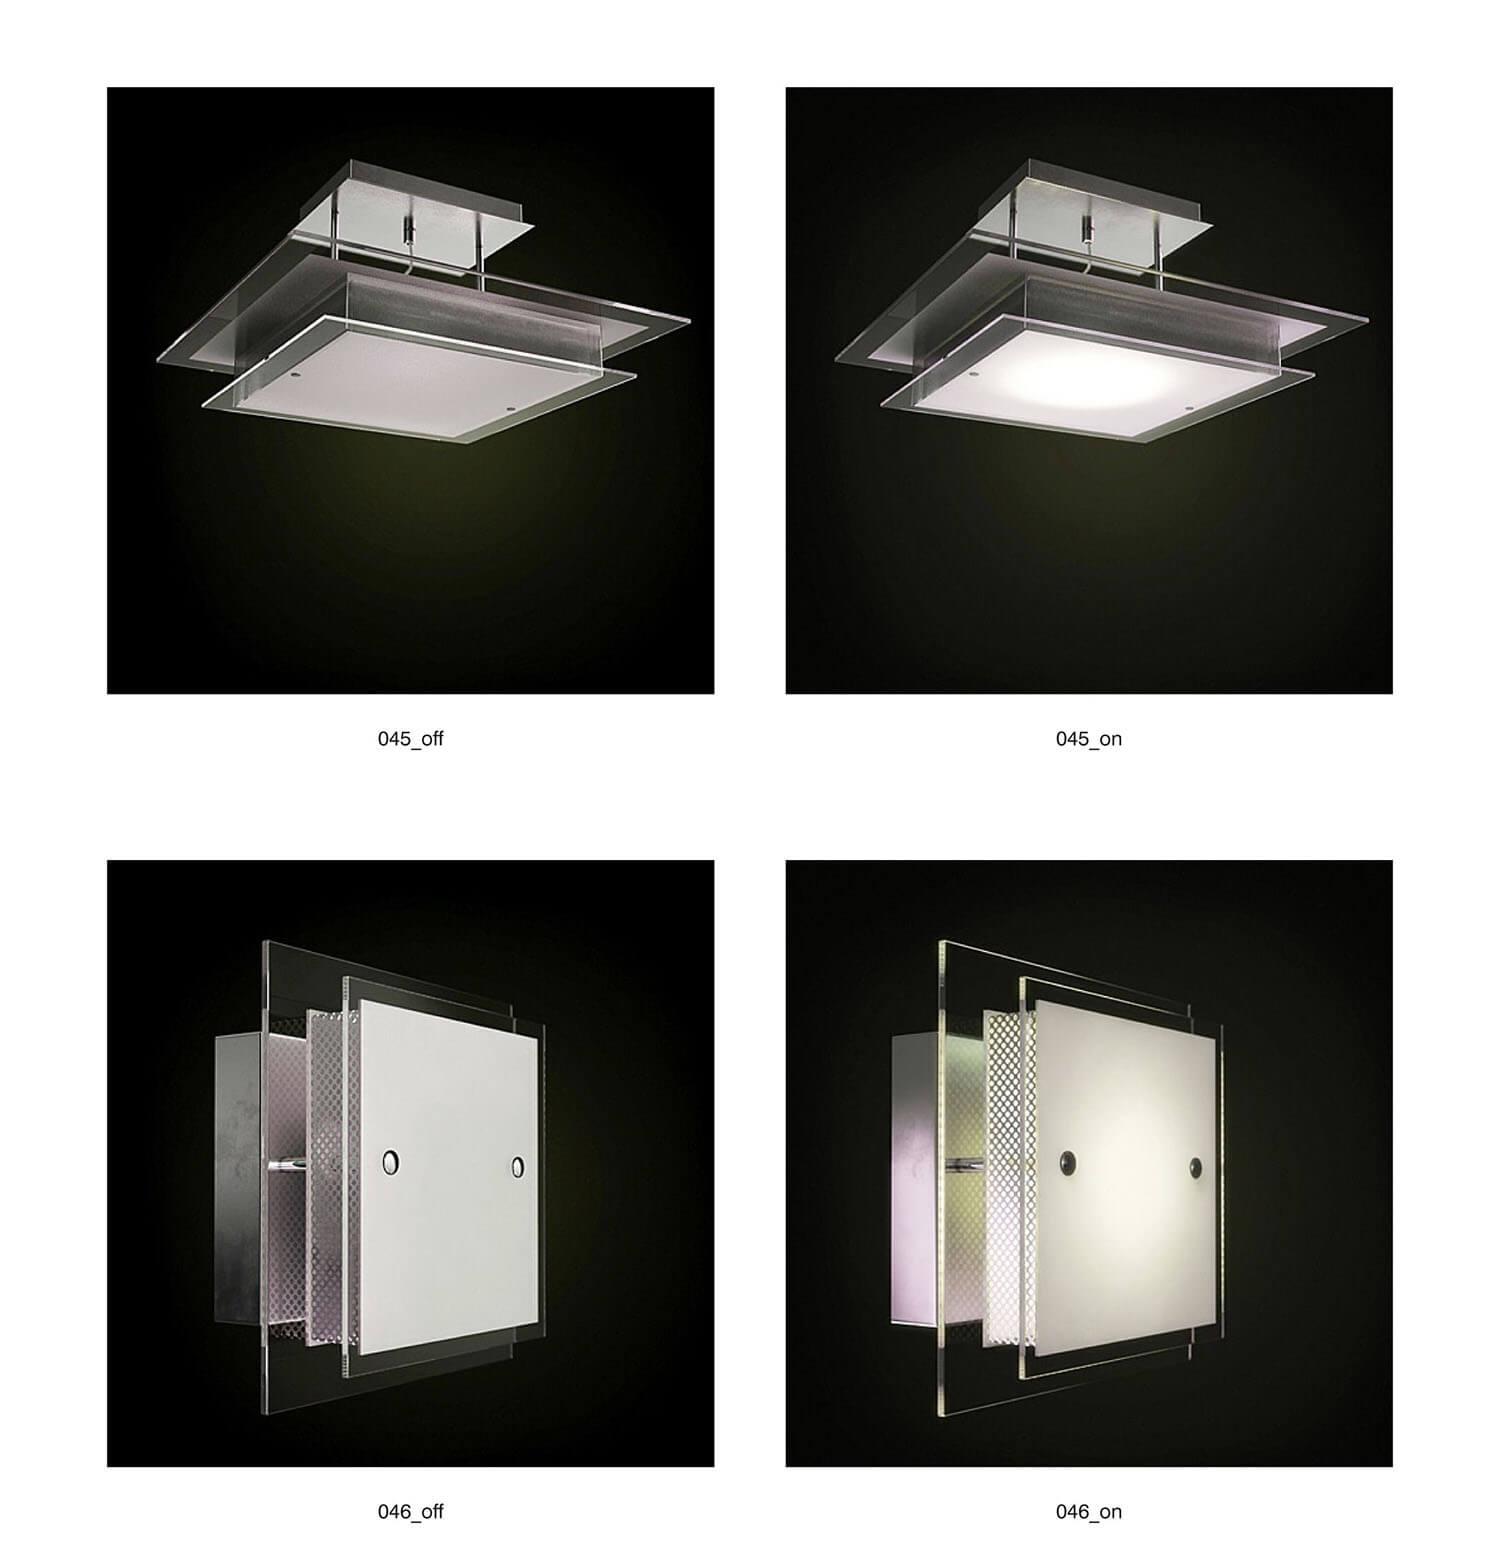 Kiểu đèn ốp tường và trần ốp hành lang, wc đơn điệu hiện nay